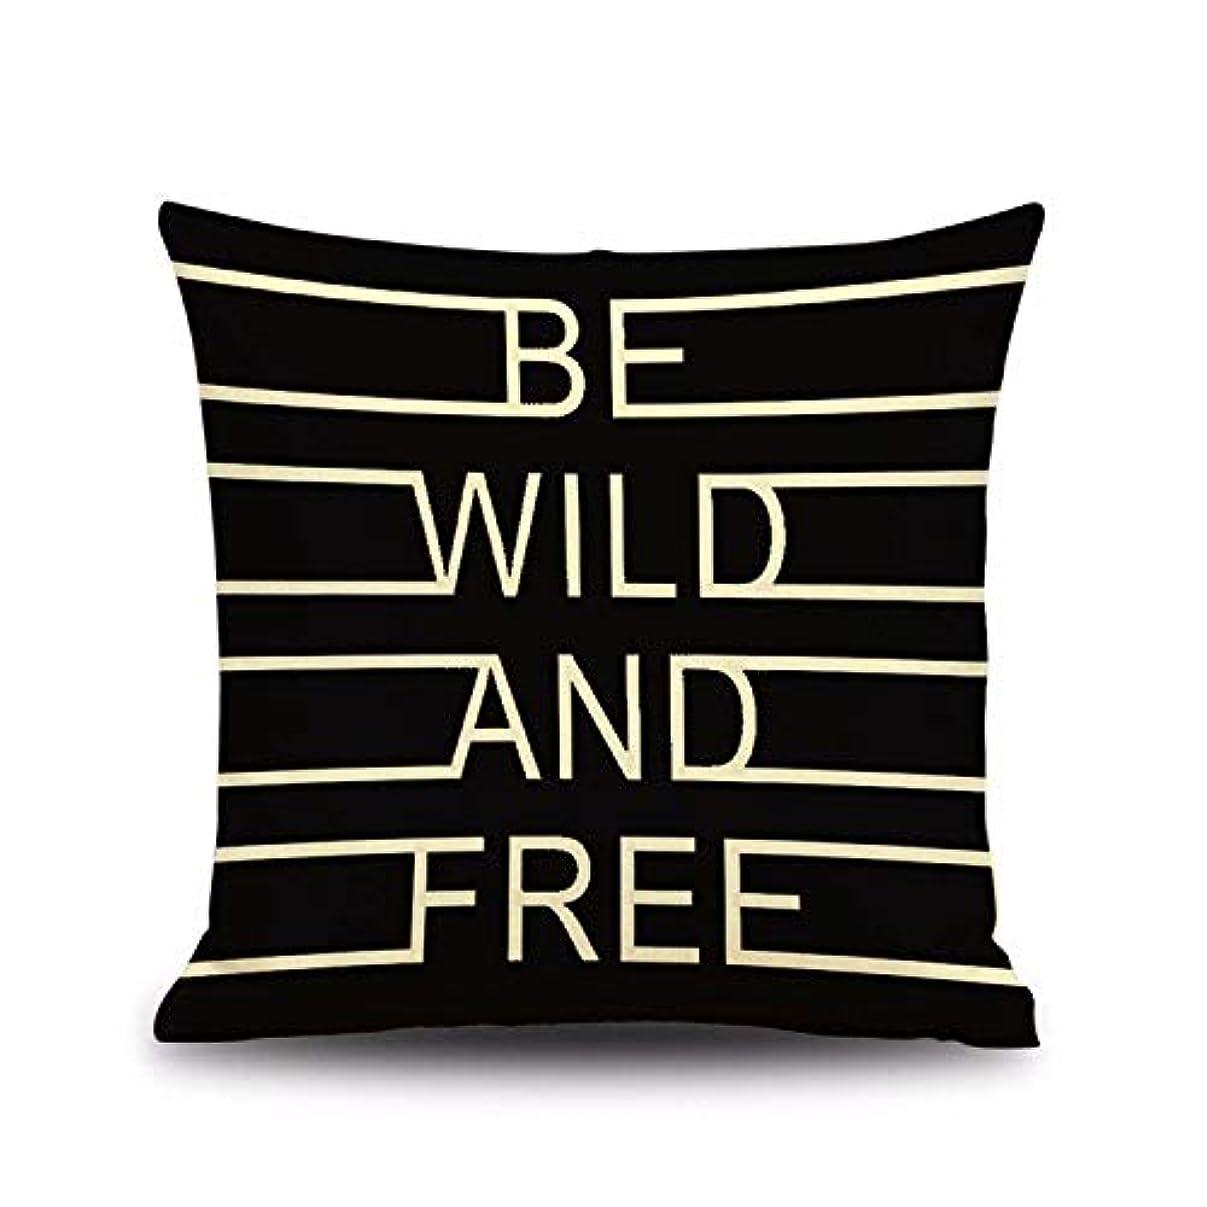 防止価値邪魔LIFE 送料無料リネンクッション、枕 (含まないフィリング) 40 × 40 センチメートル、 45 × 45 センチメートル、 50 × 50 センチメートル、 60 × 60 センチメートル クッション 椅子